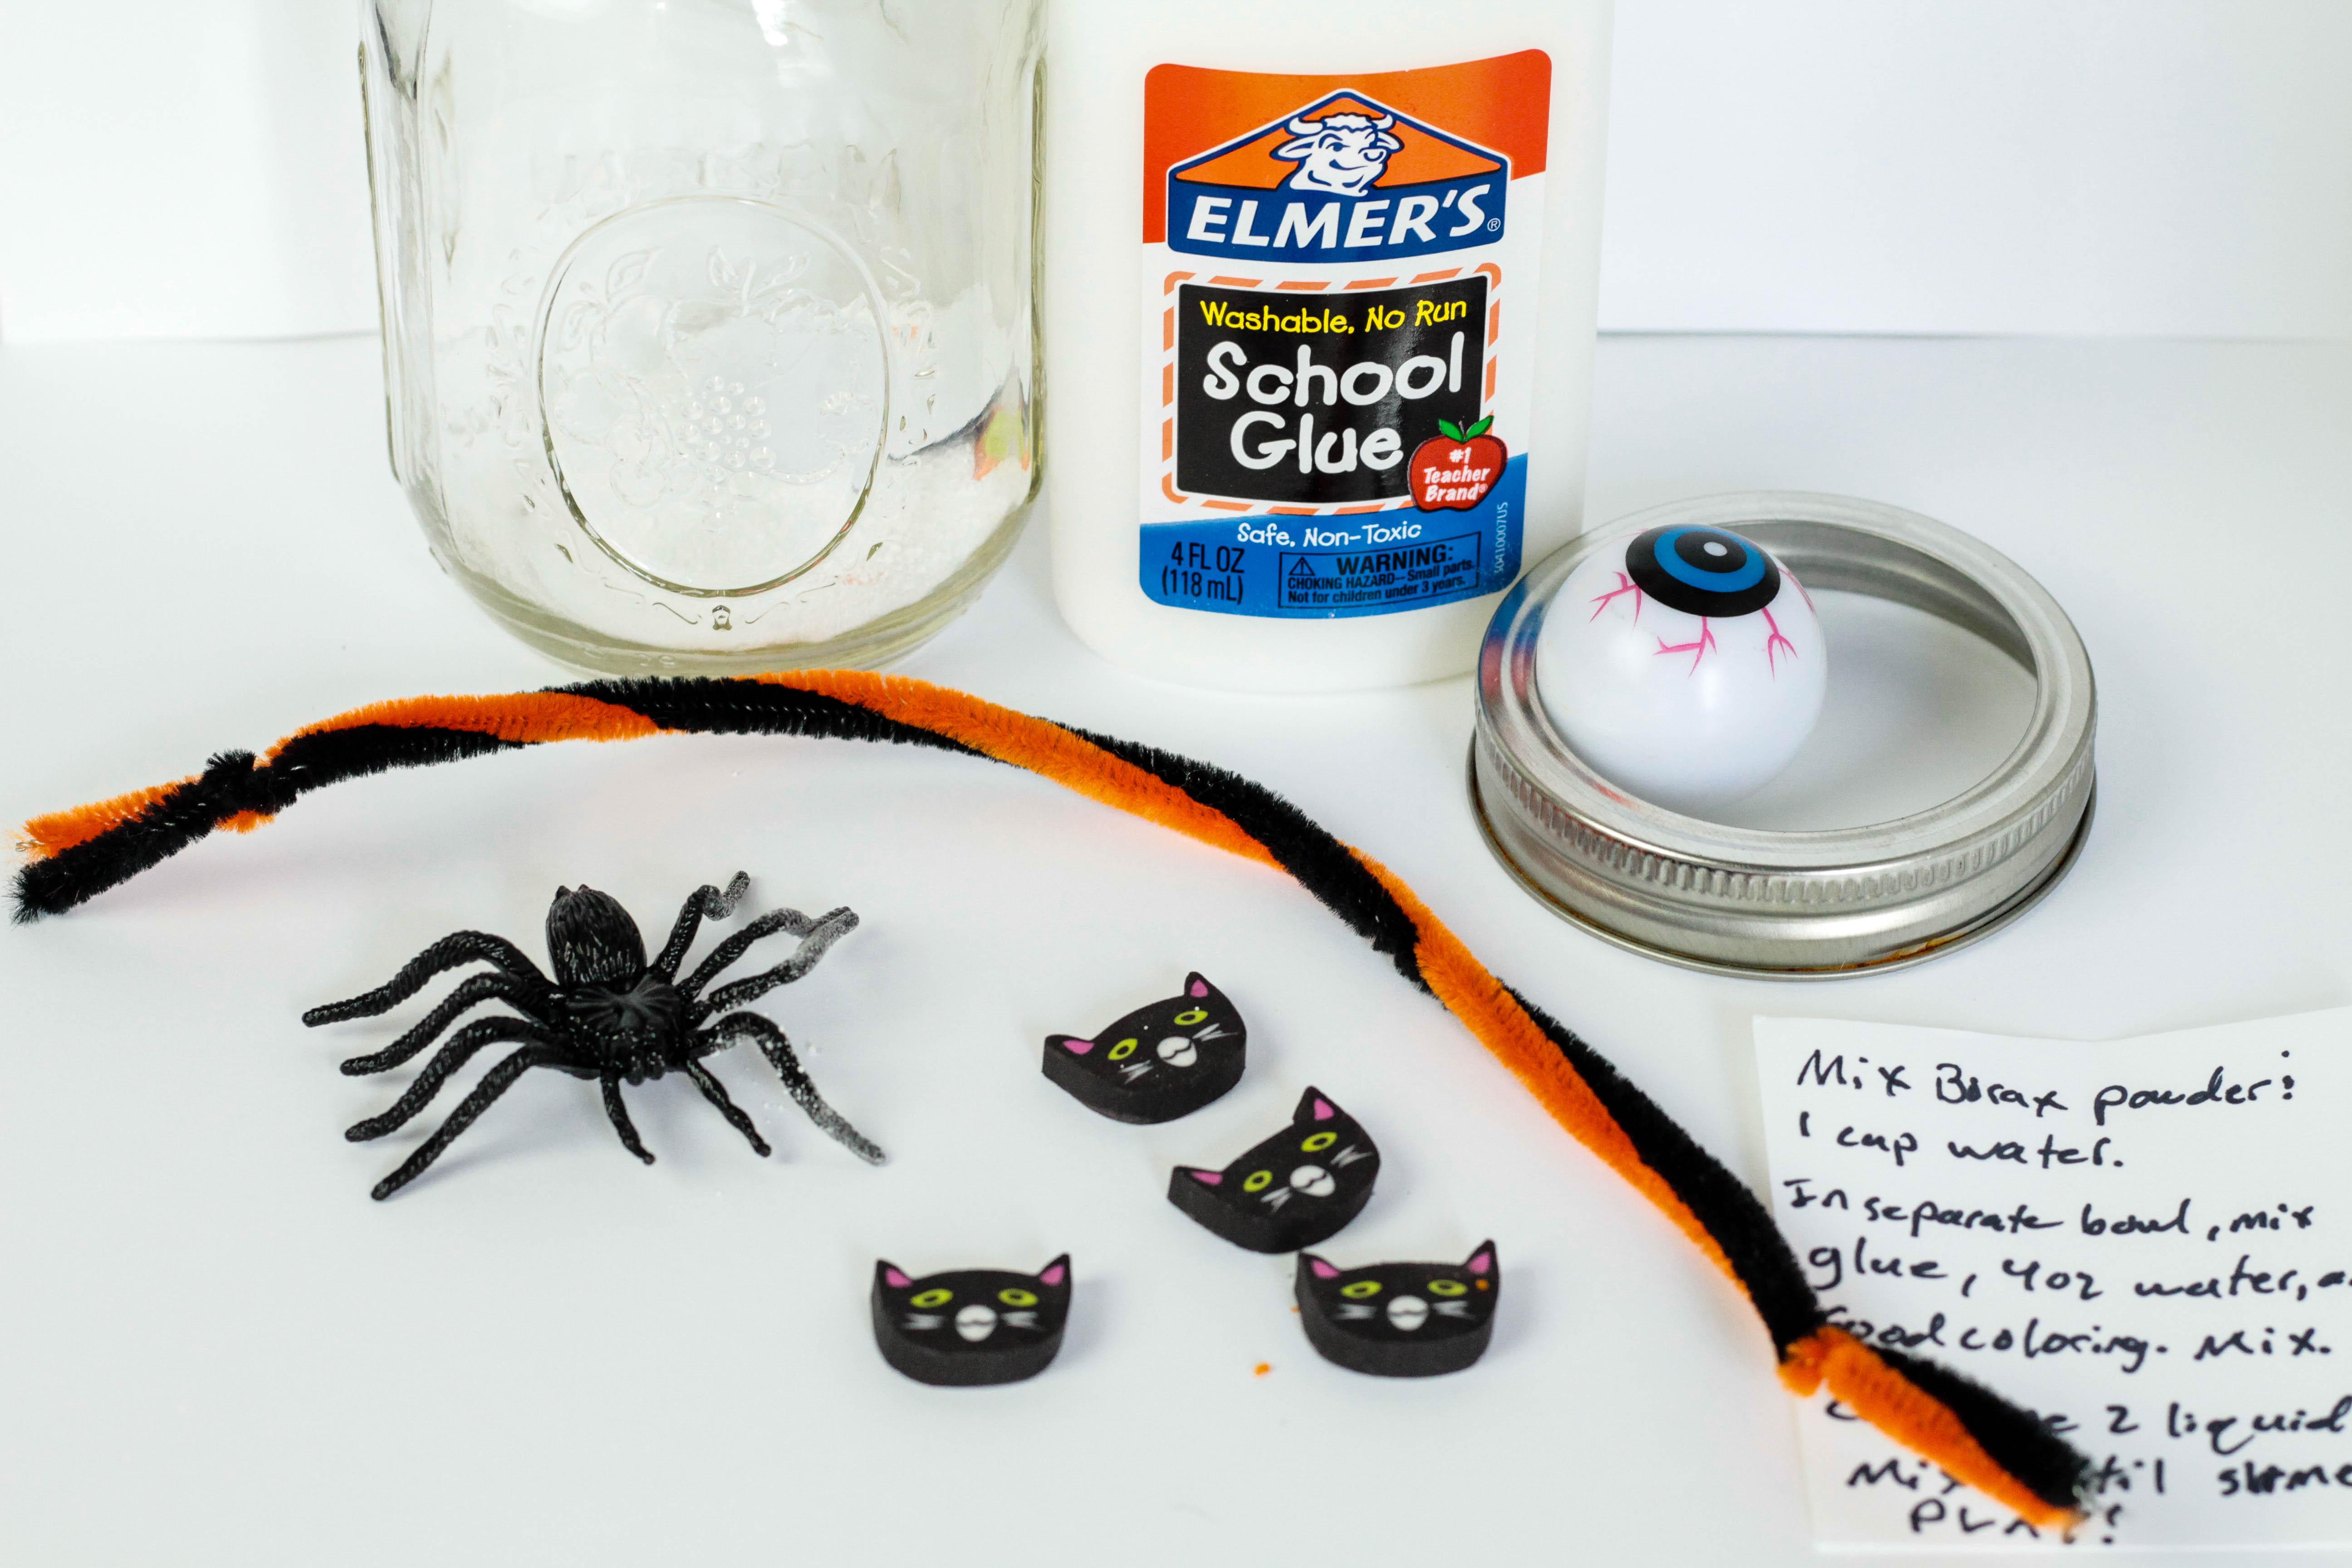 diy slime kit for halloween